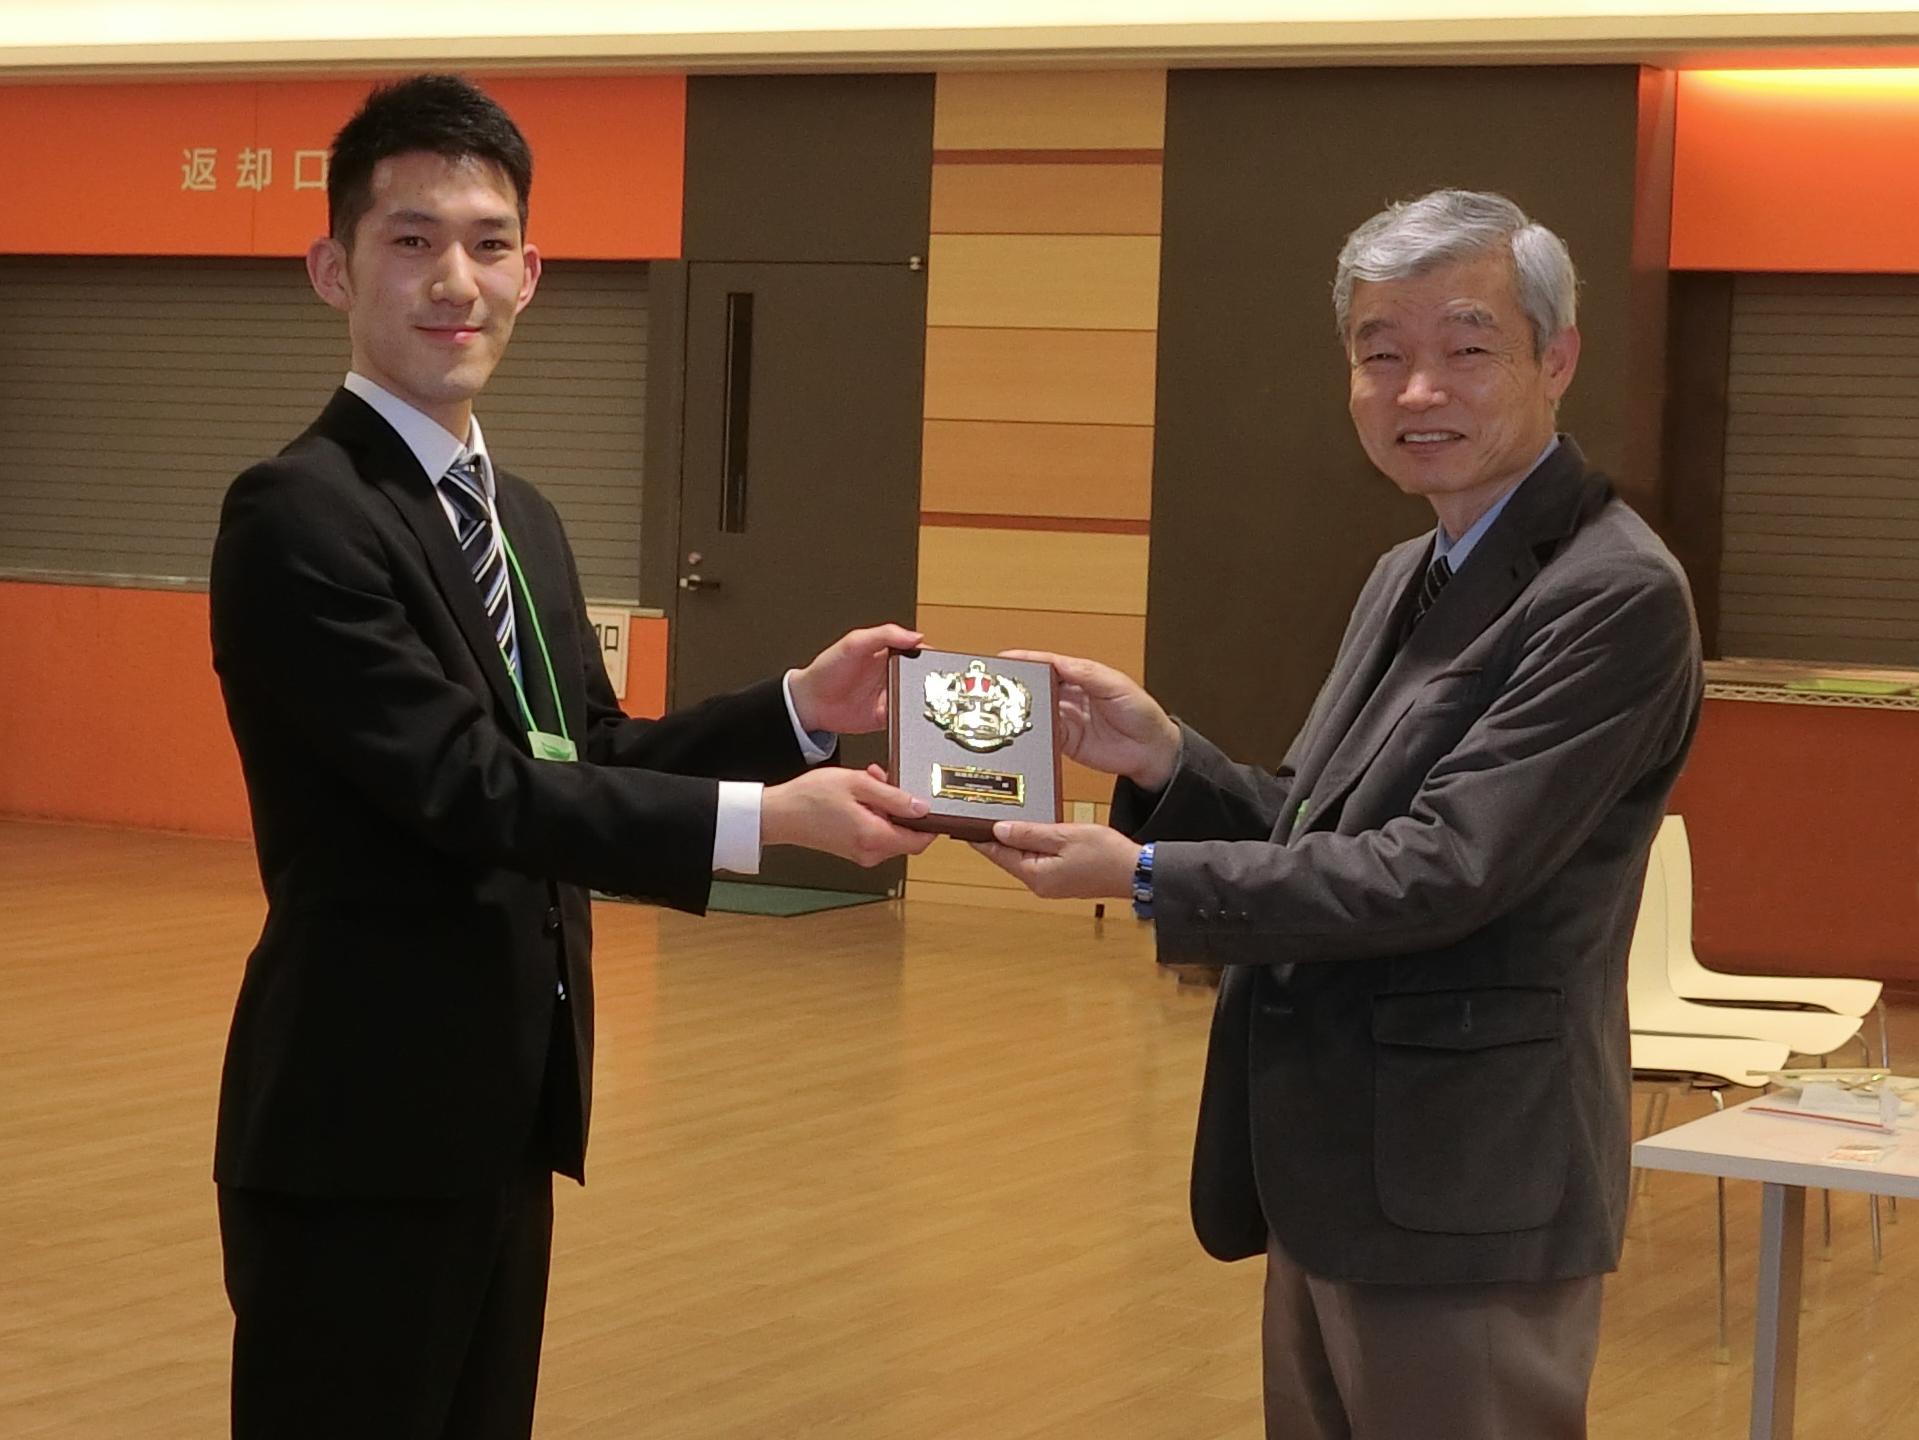 4年生の鈴木雄太君が最優秀ポスター賞を受賞しました